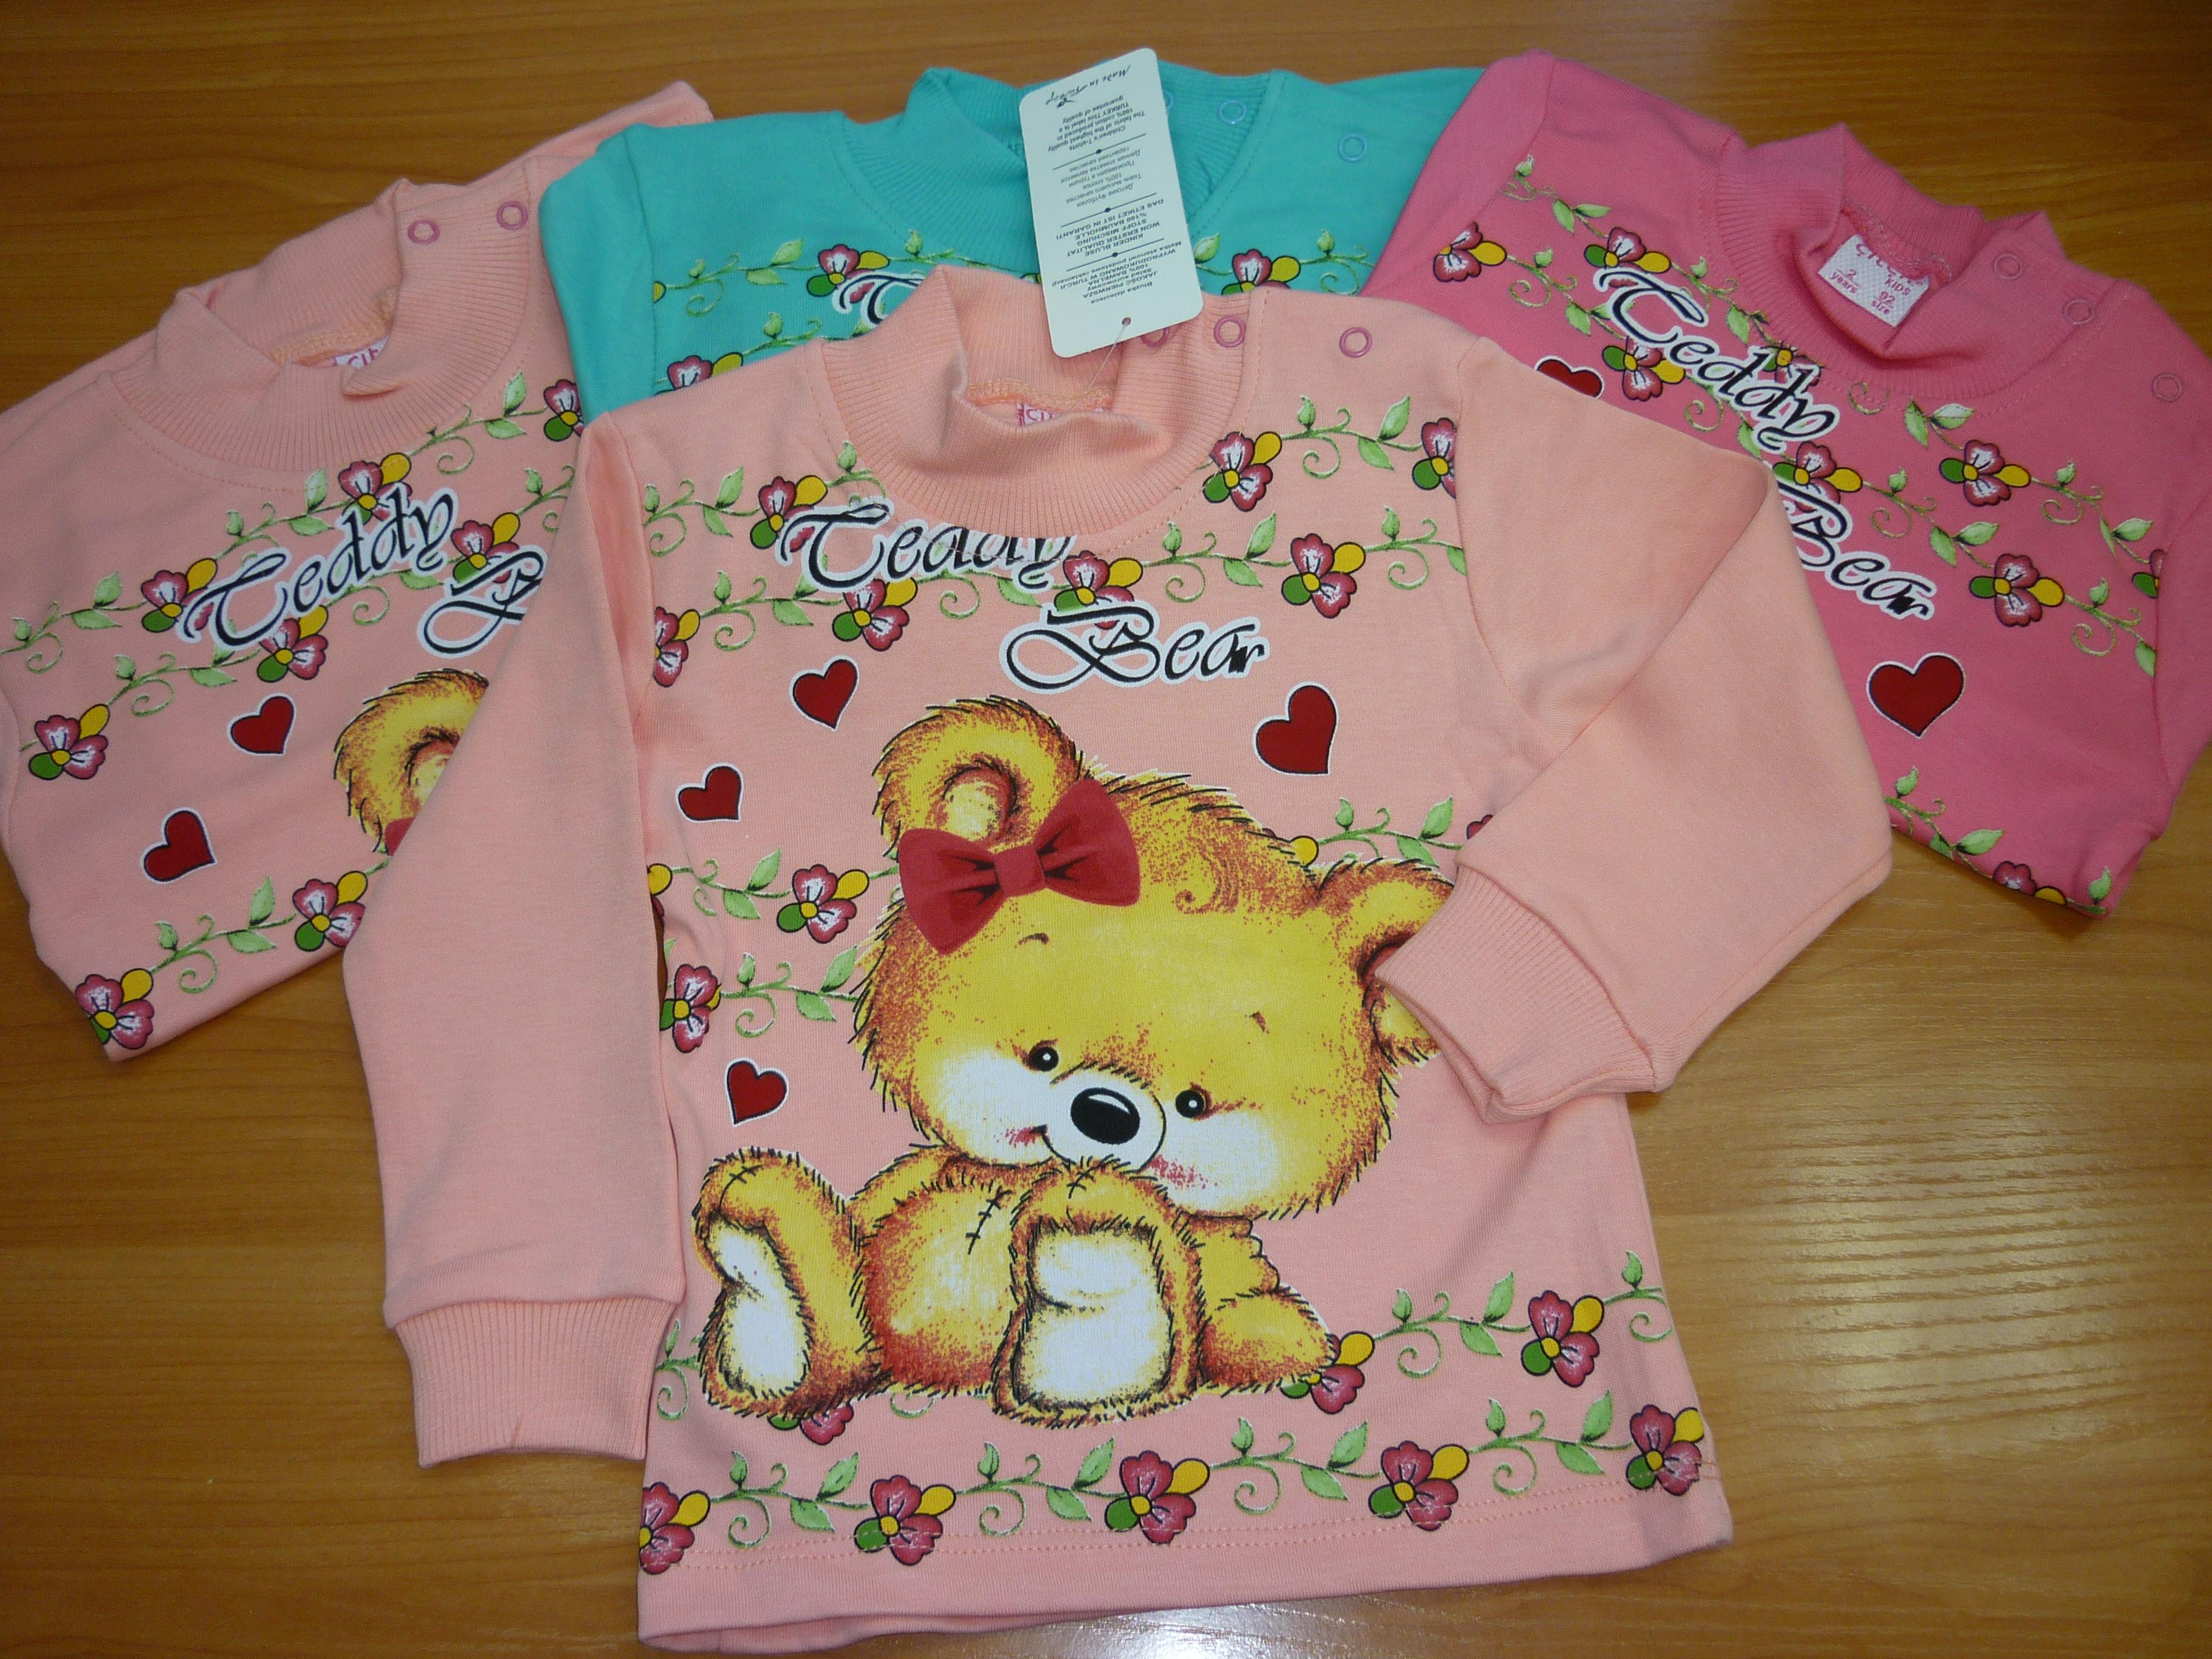 Одежда для детей *Сибирячок*!Джемпера, костюмы, комбинезоны, платья, лосины ,боди, песочники,штаны, футболки, шапки. распашонки,ползунки,носочки!Комплекты на выписку,крестильные комплекты, постельное белье,одеяла,полотенца,пеленки - выкуп 2